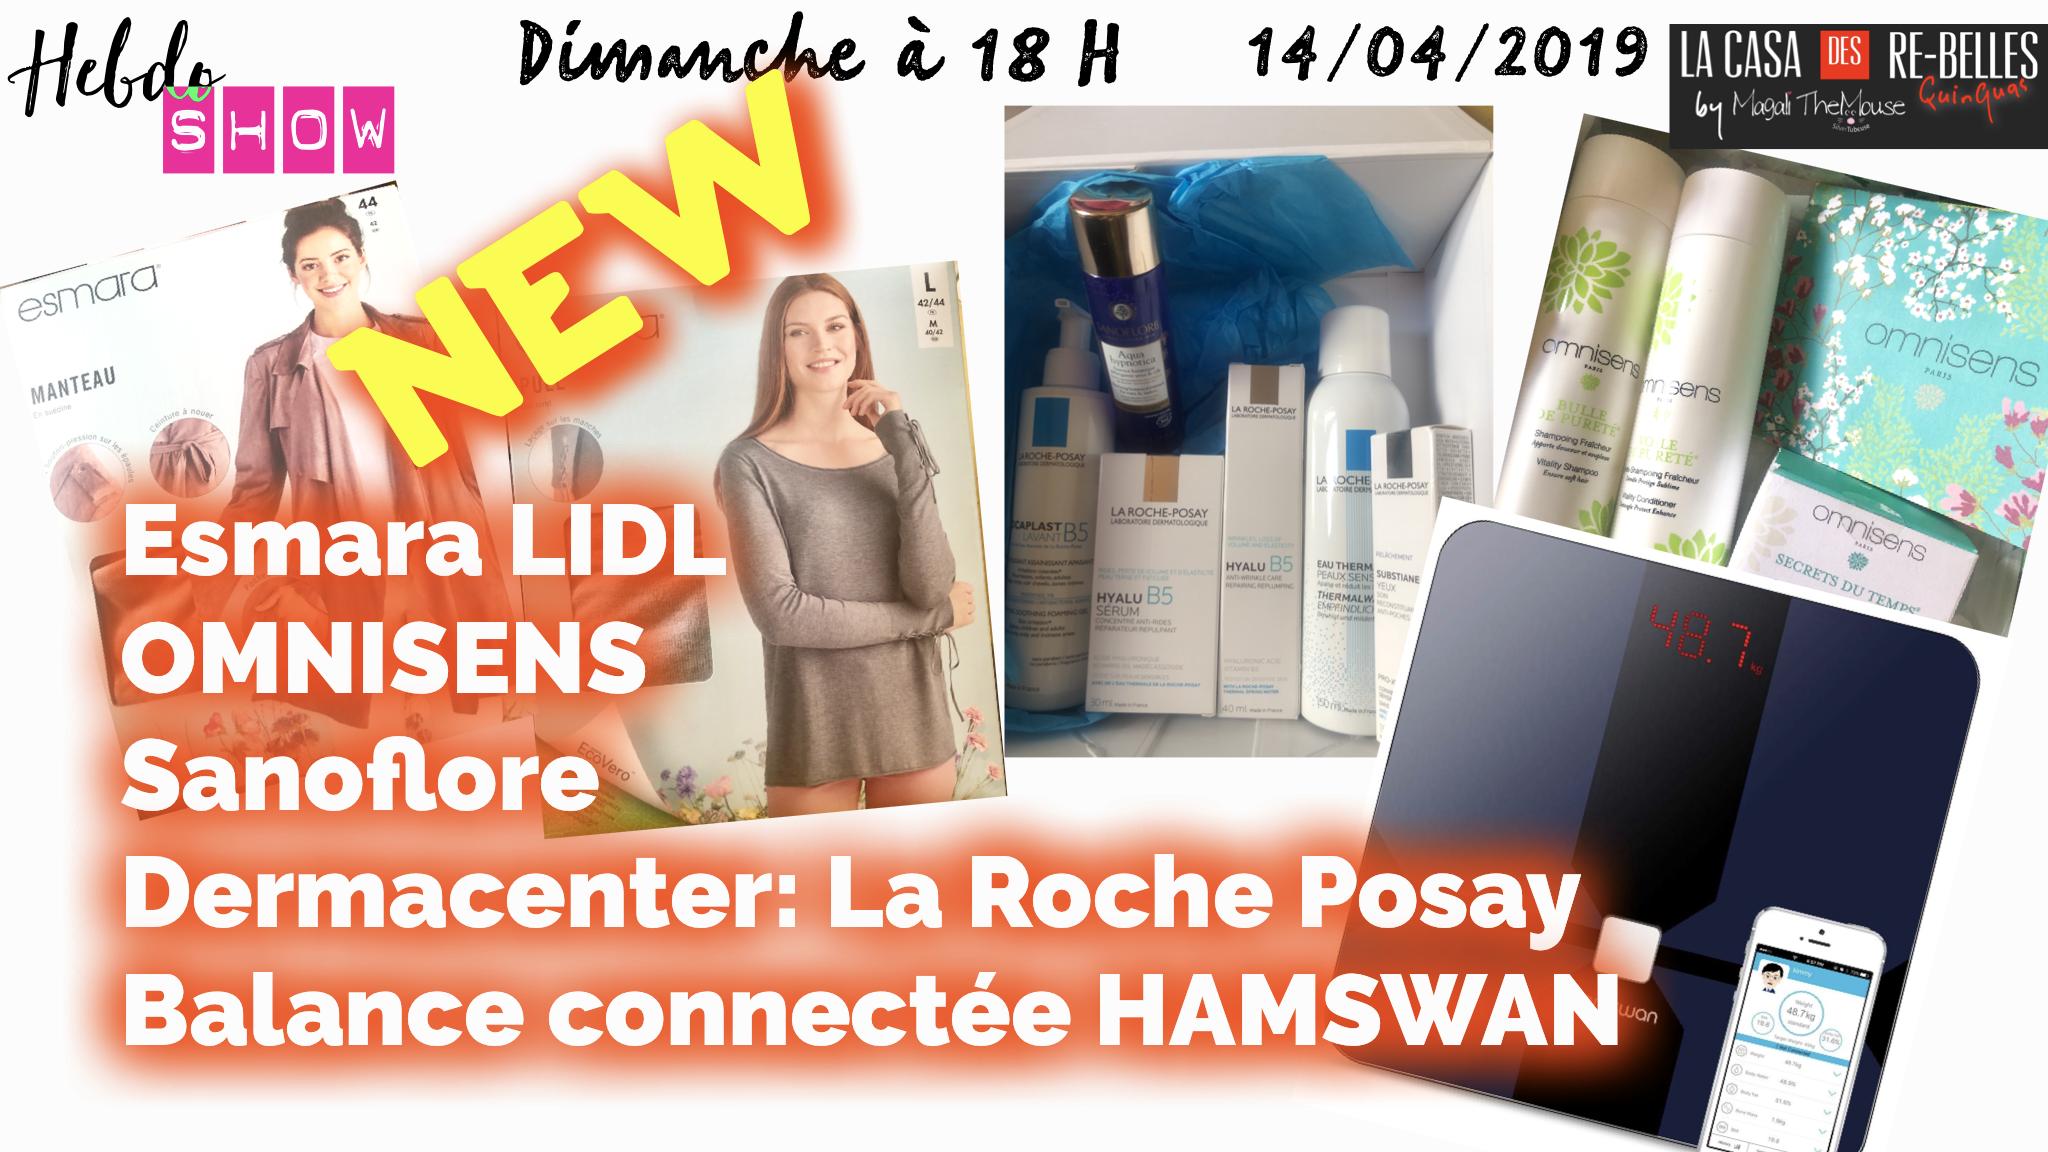 Nouveautés LIDL, La Roche Posay et Sanoflore (Diagnostic Dermacenter), balance connectée Hamswan, Omnisens